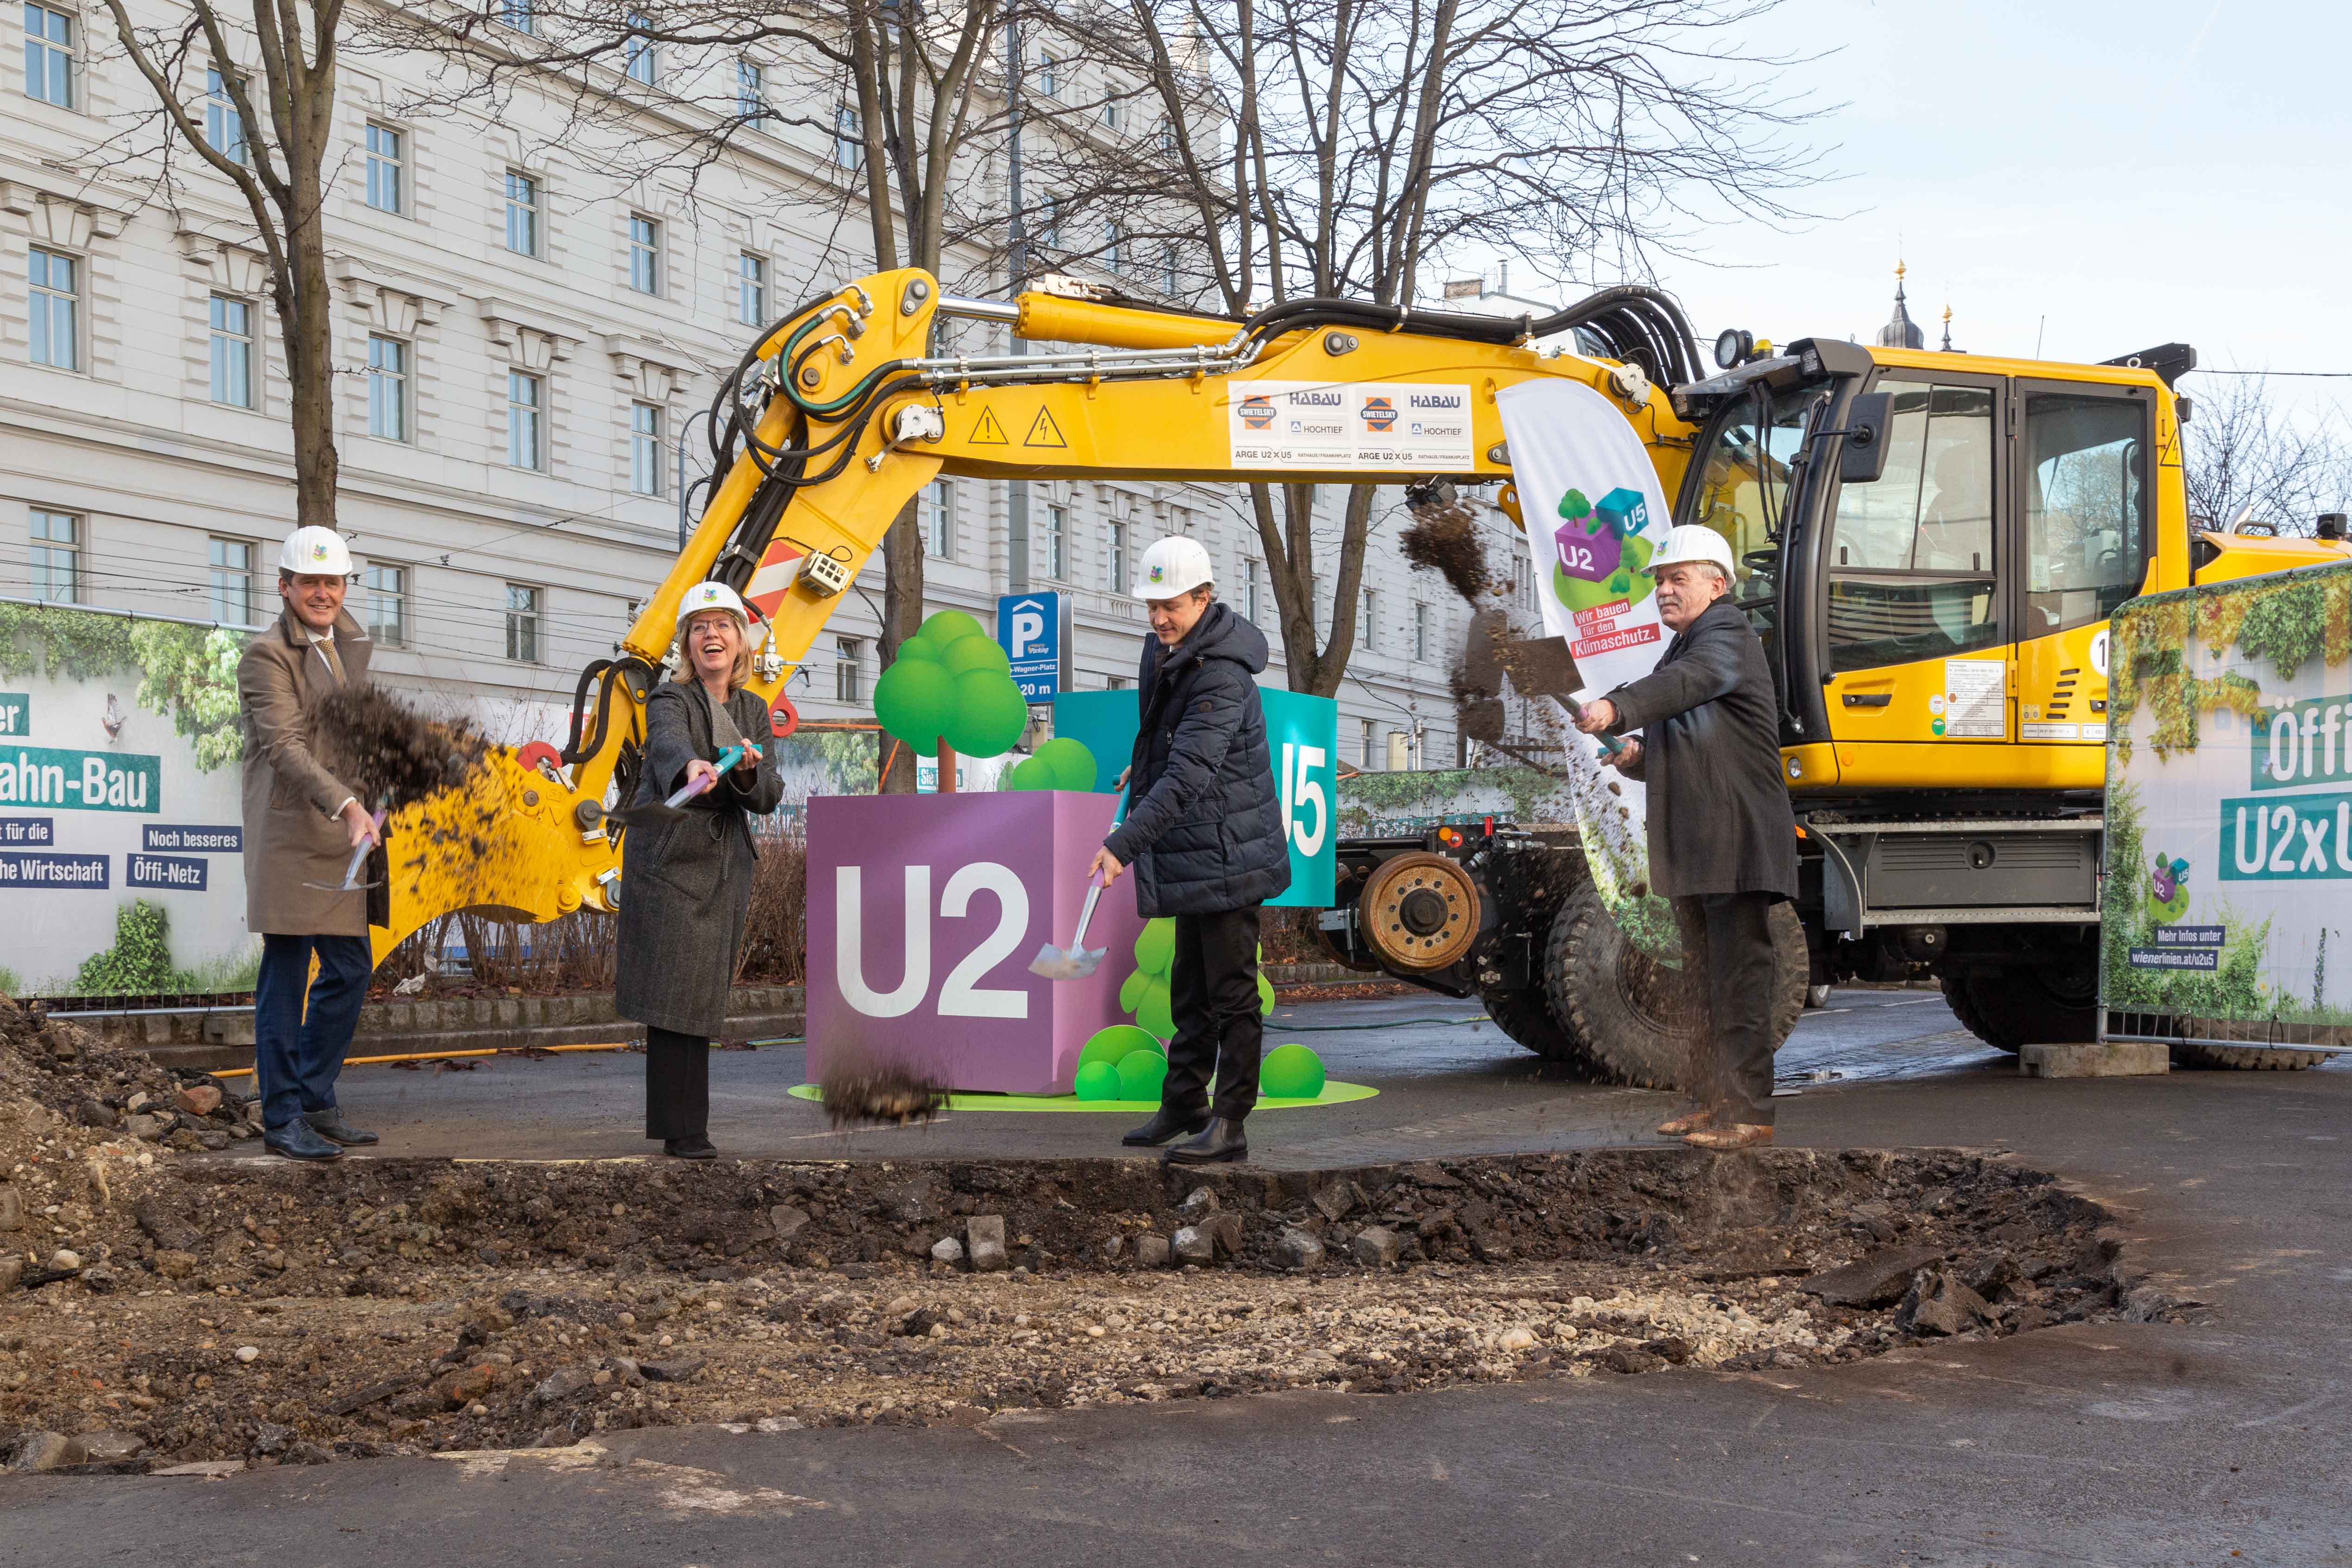 Spatenstich für den Ausbau der Wiener U-Bahn